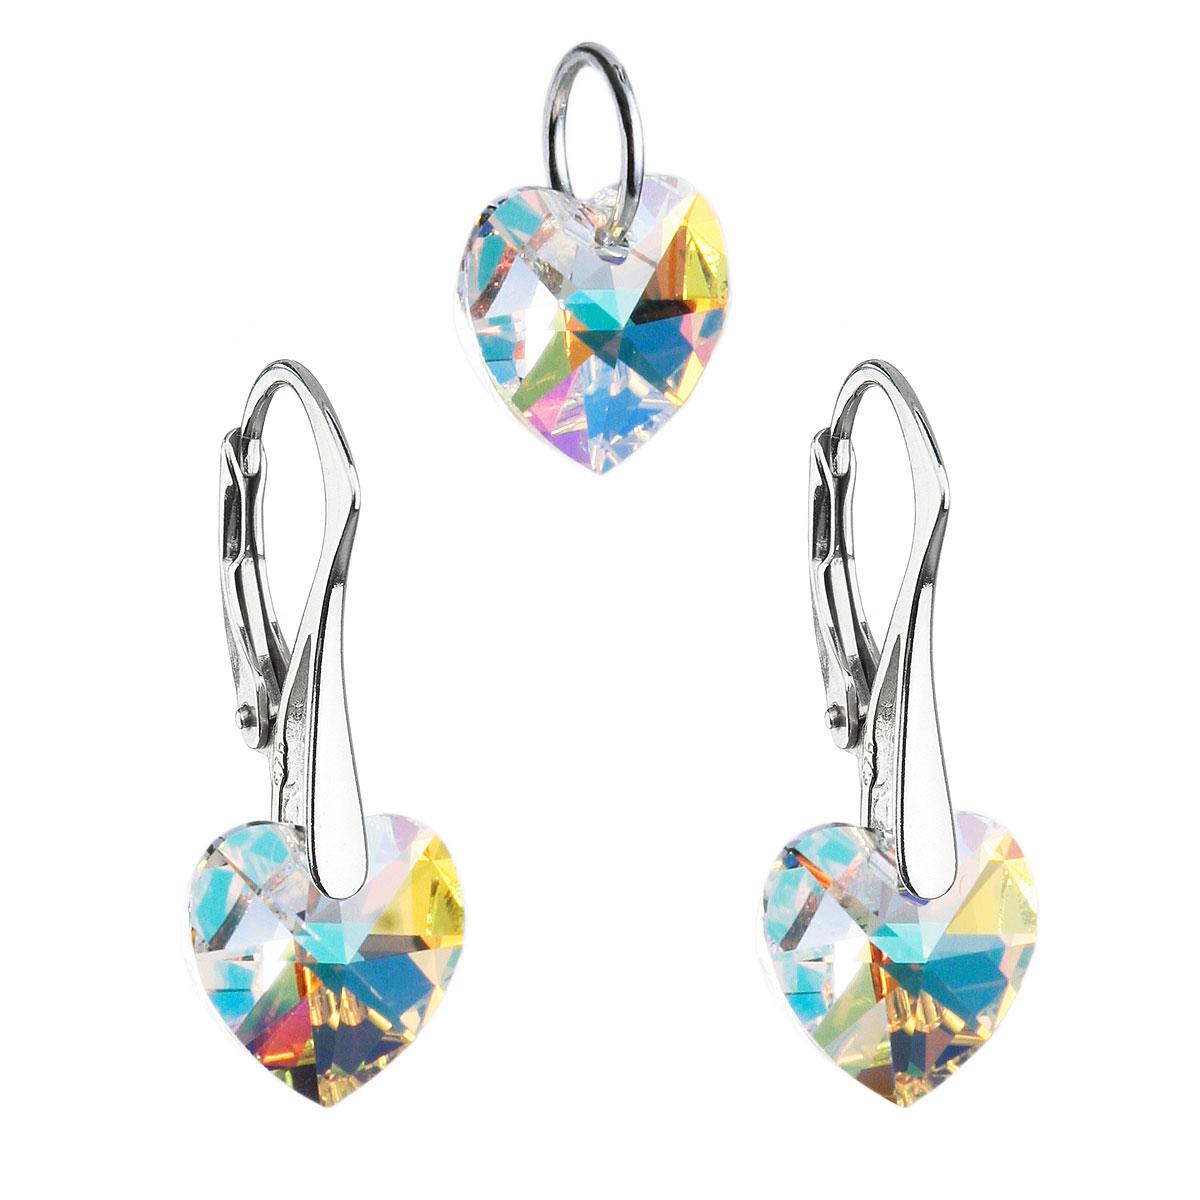 Sada šperkov s krištáľmi Swarovski náušnice a prívesok AB efekt srdce 39003.2